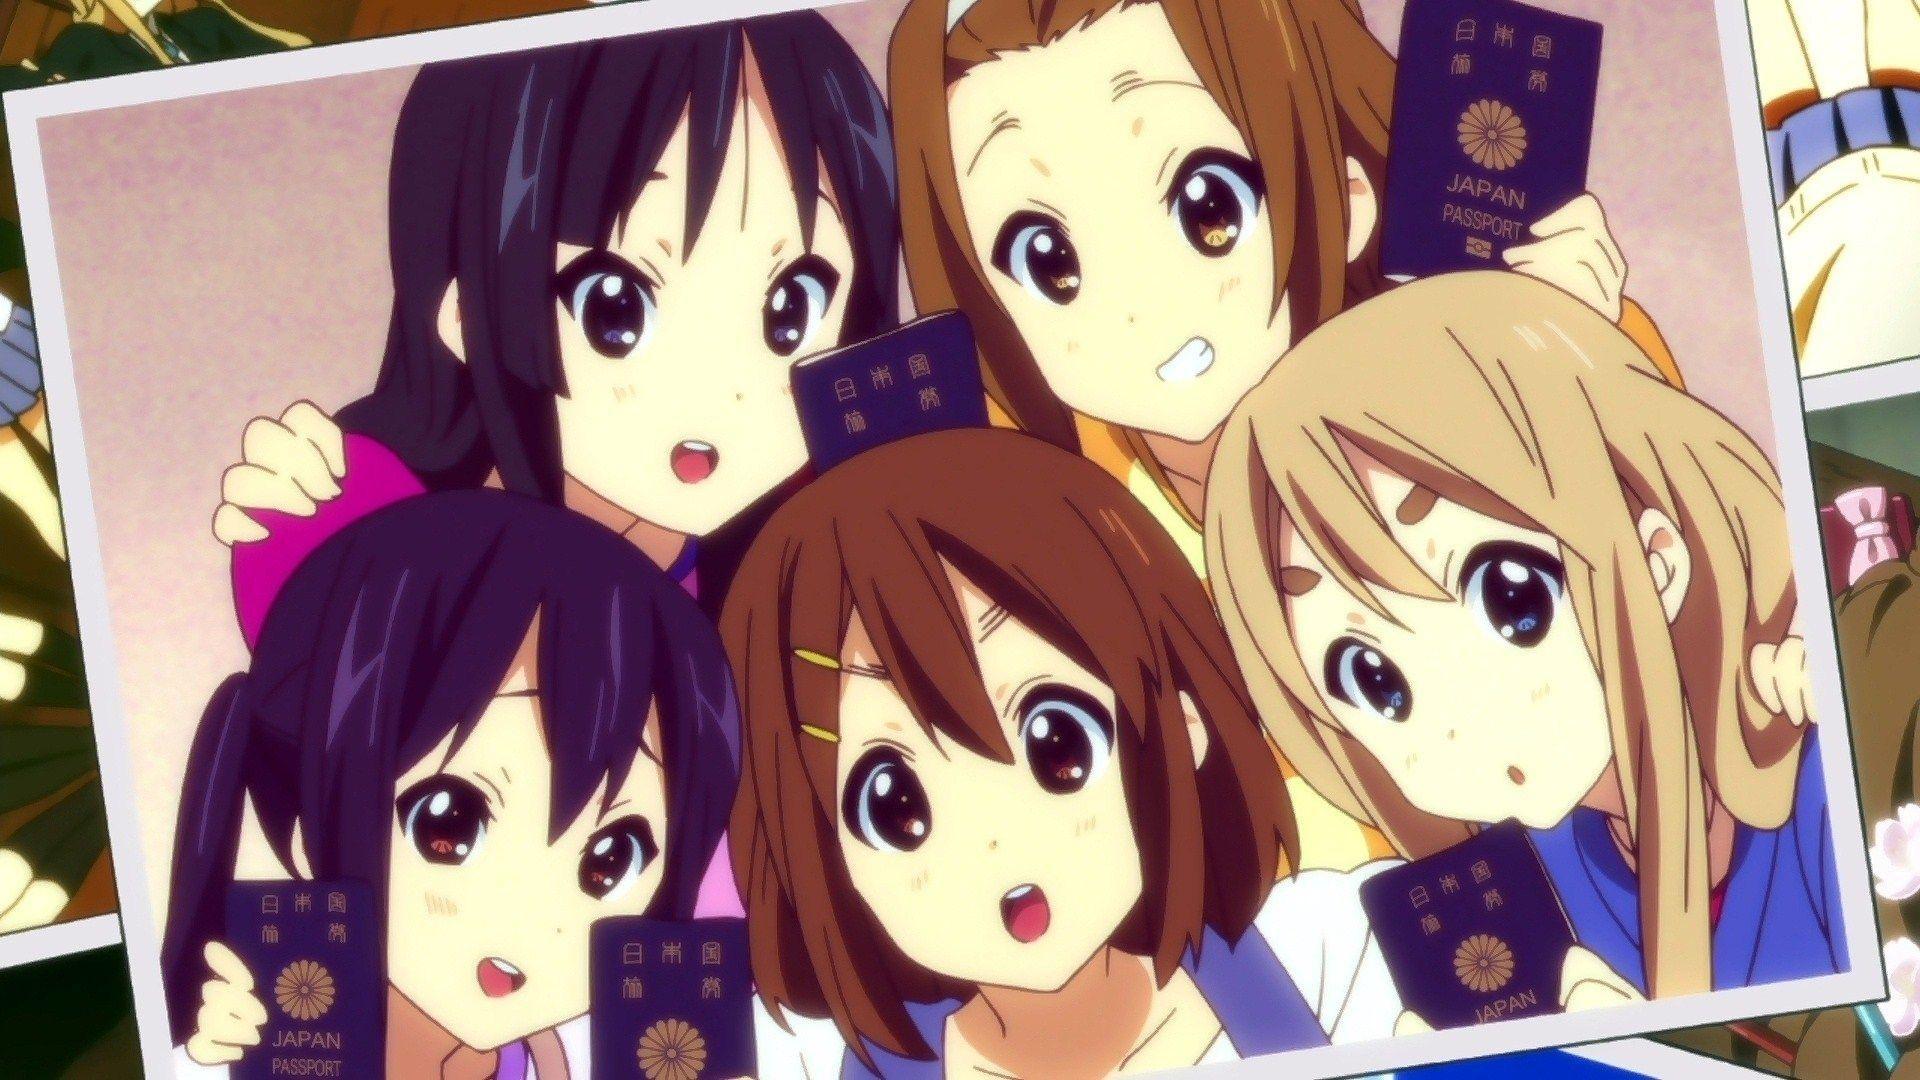 Wallpaper – Kawaii Anime Wallpaper (34338120) – Fanpop